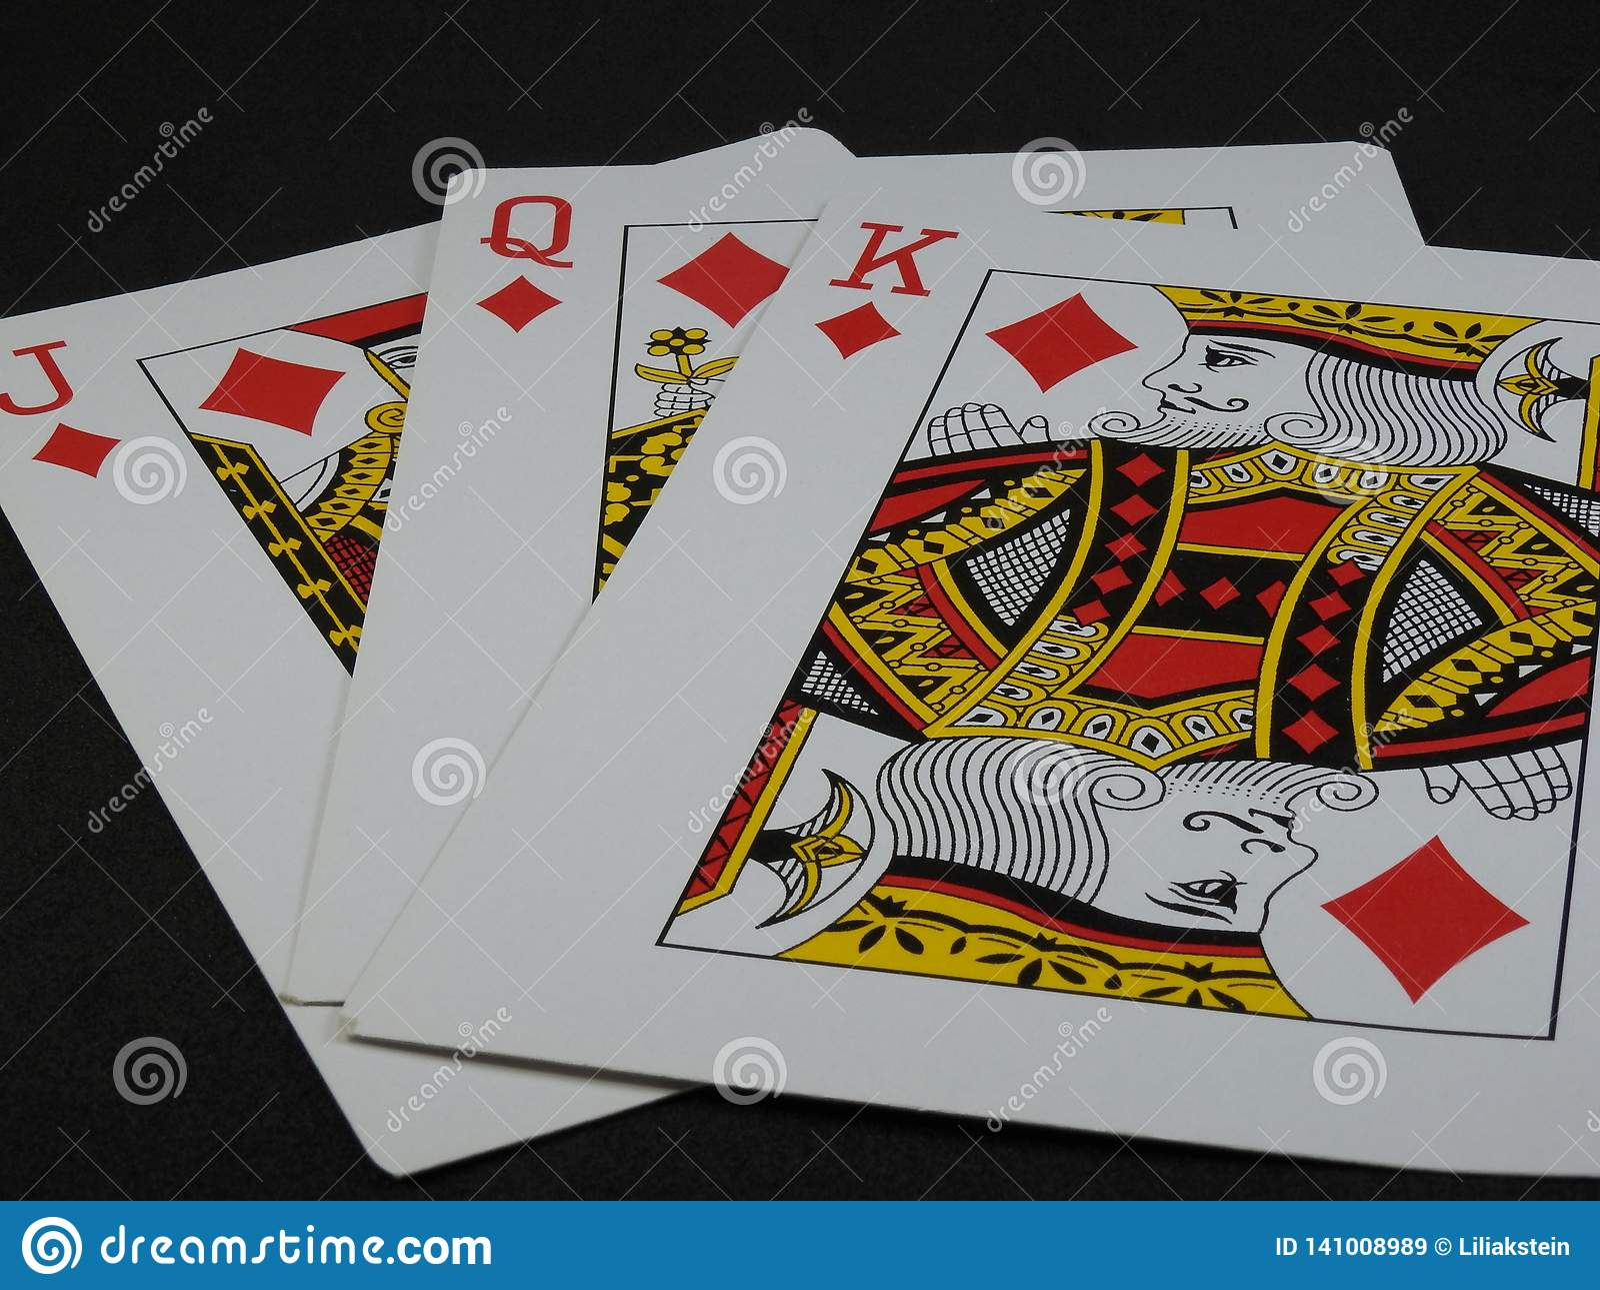 караля как играть картах в на